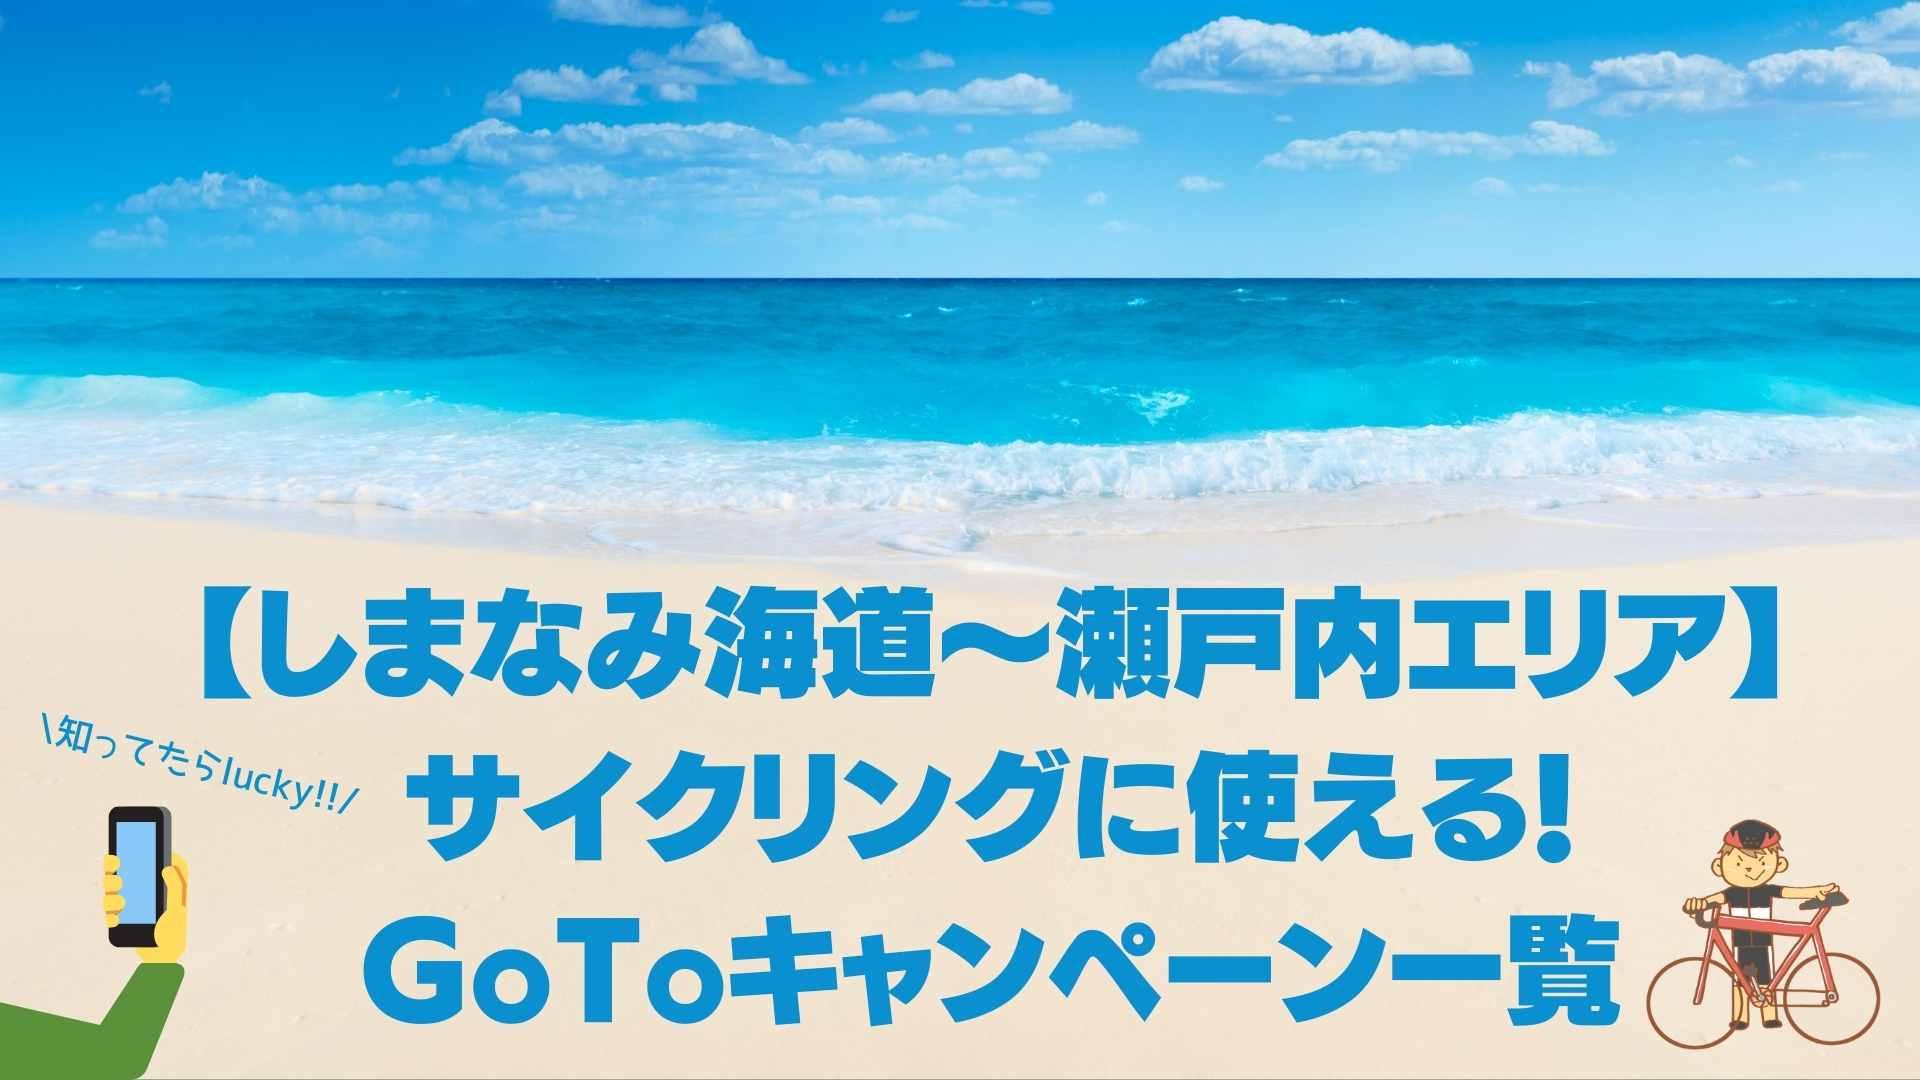 【しまなみ海道〜瀬戸内エリア】サイクリングに使える!GoToキャンペーン一覧